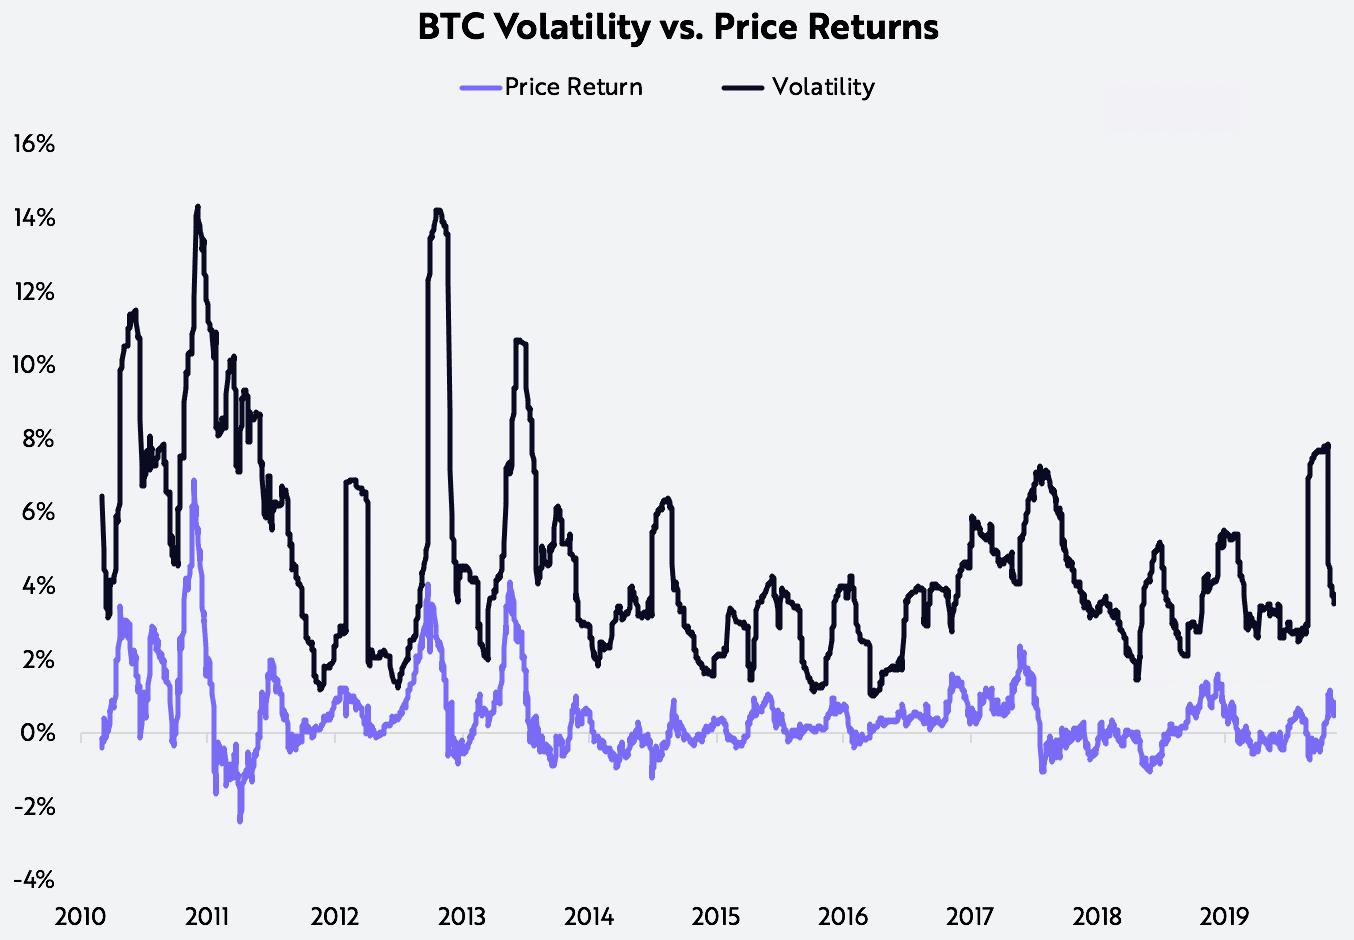 arkw bitcoin investīciju uzticība bitkoina nākotnes tirdzniecība oanda tradingview eiropa